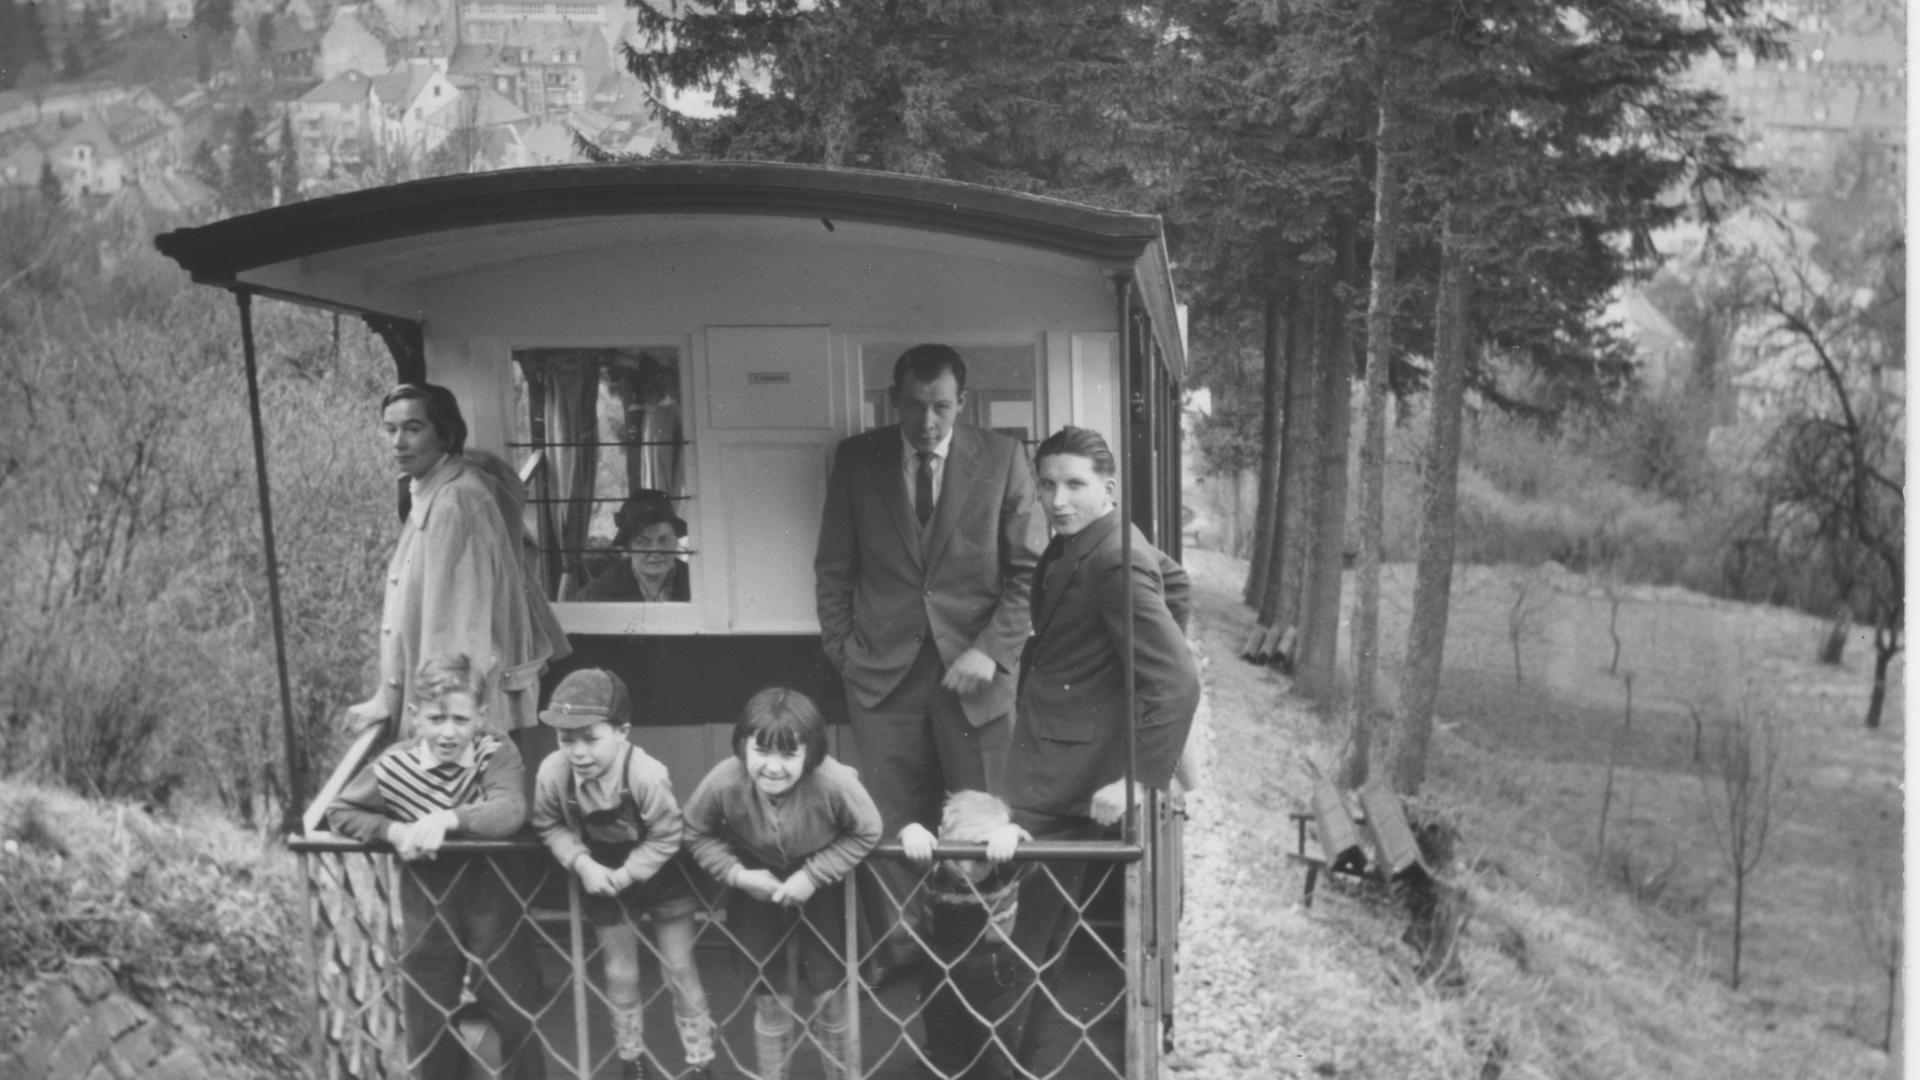 23.3.1959: Die Turmbergbahn am Durlacher Turmberg ist eine Wasserballastbahn. Foto: Horst Schlesiger